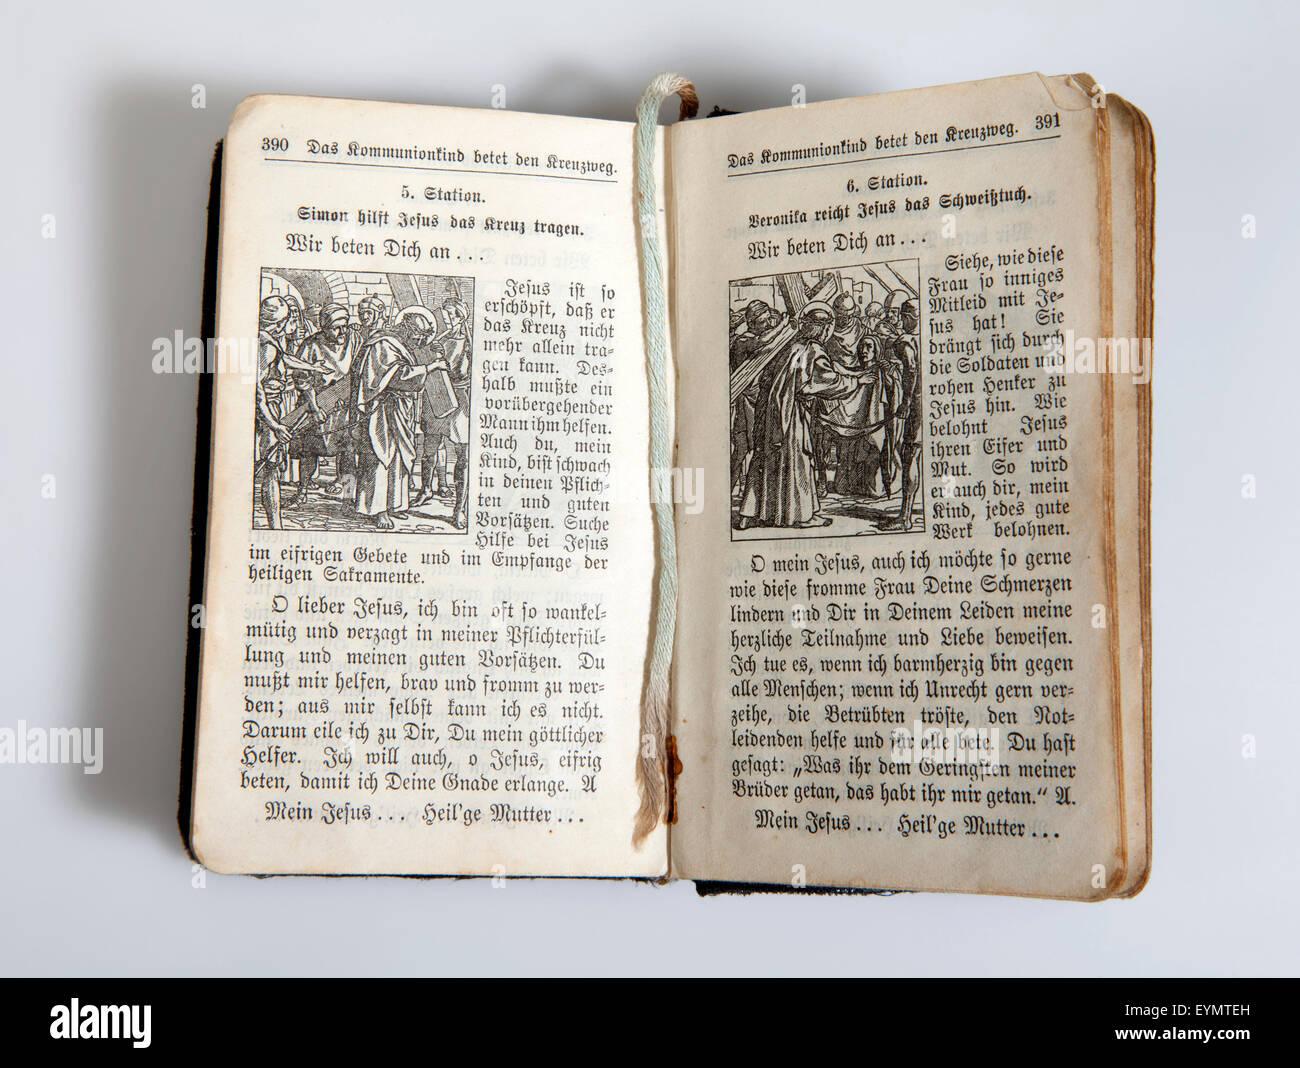 Old Catholic prayer book - Stock Image